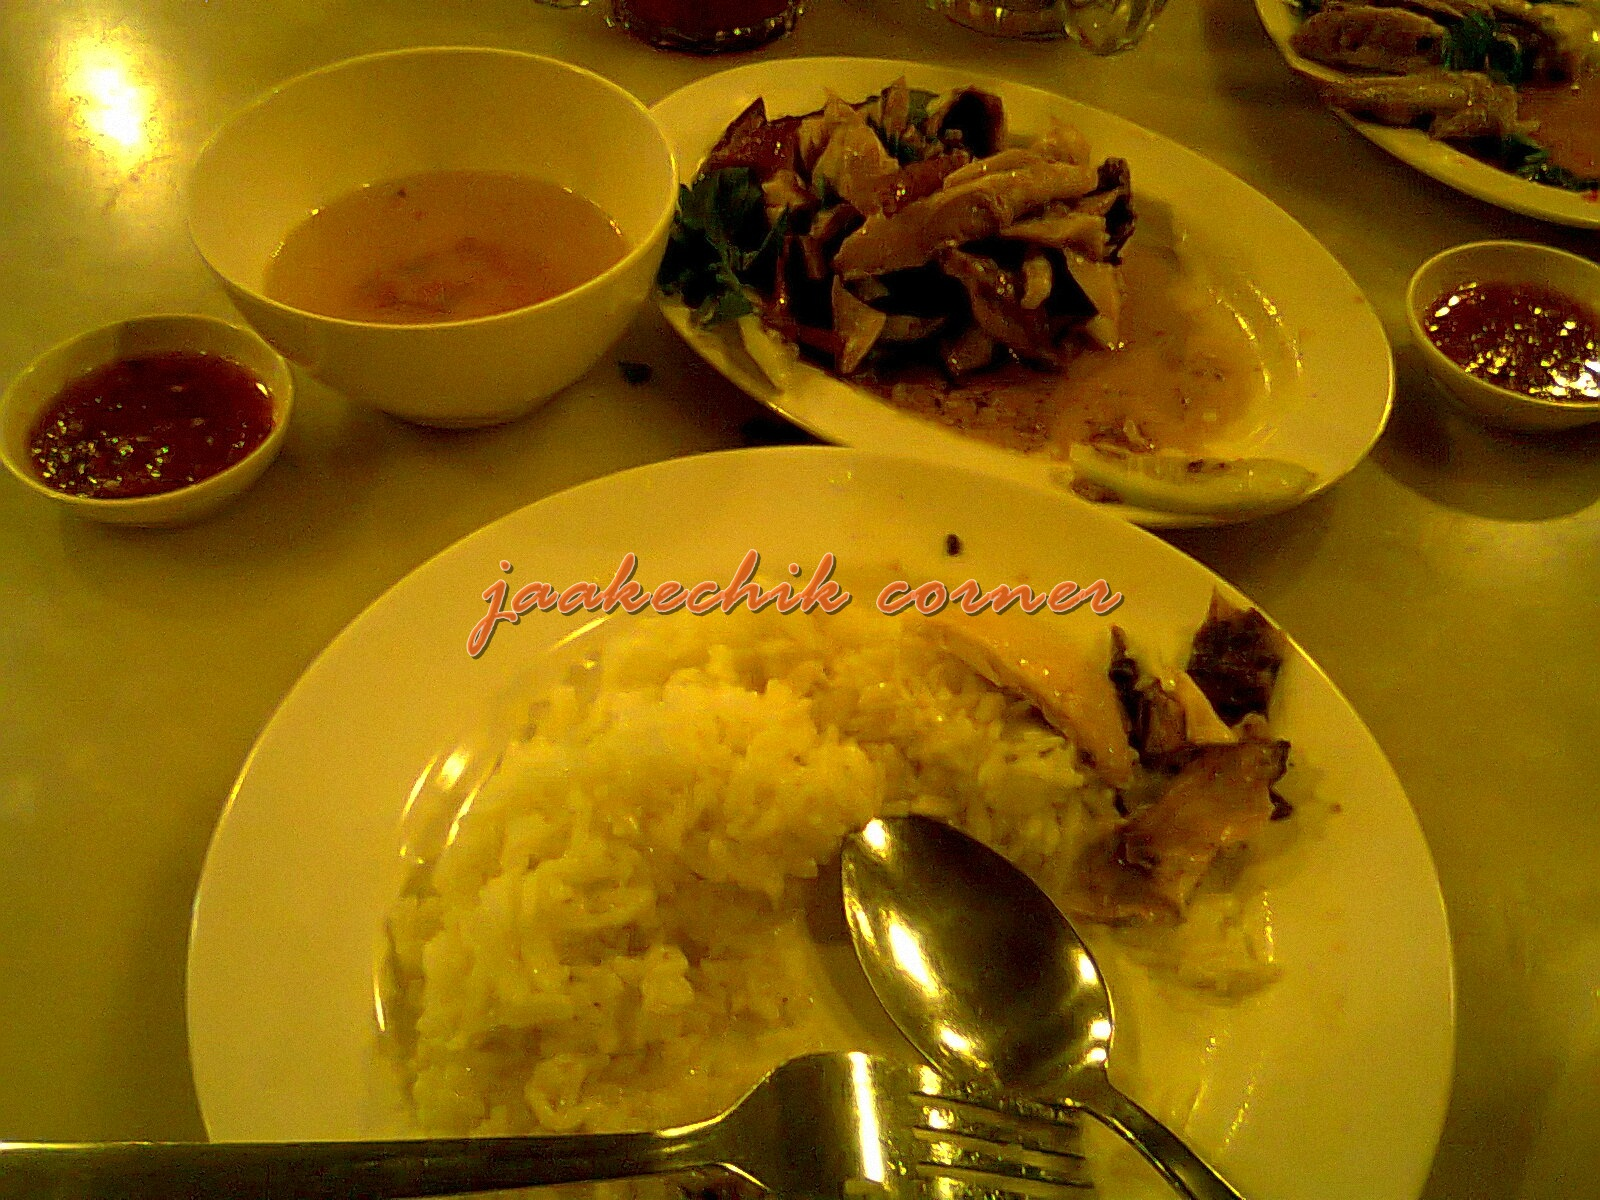 makanan, nasi ayam hainan, nasi ayam percik, nasi ayam style china, chinese food, nasi ayam mualaf tesco, nasi ayam mualaf, resei nasi ayam hainan,